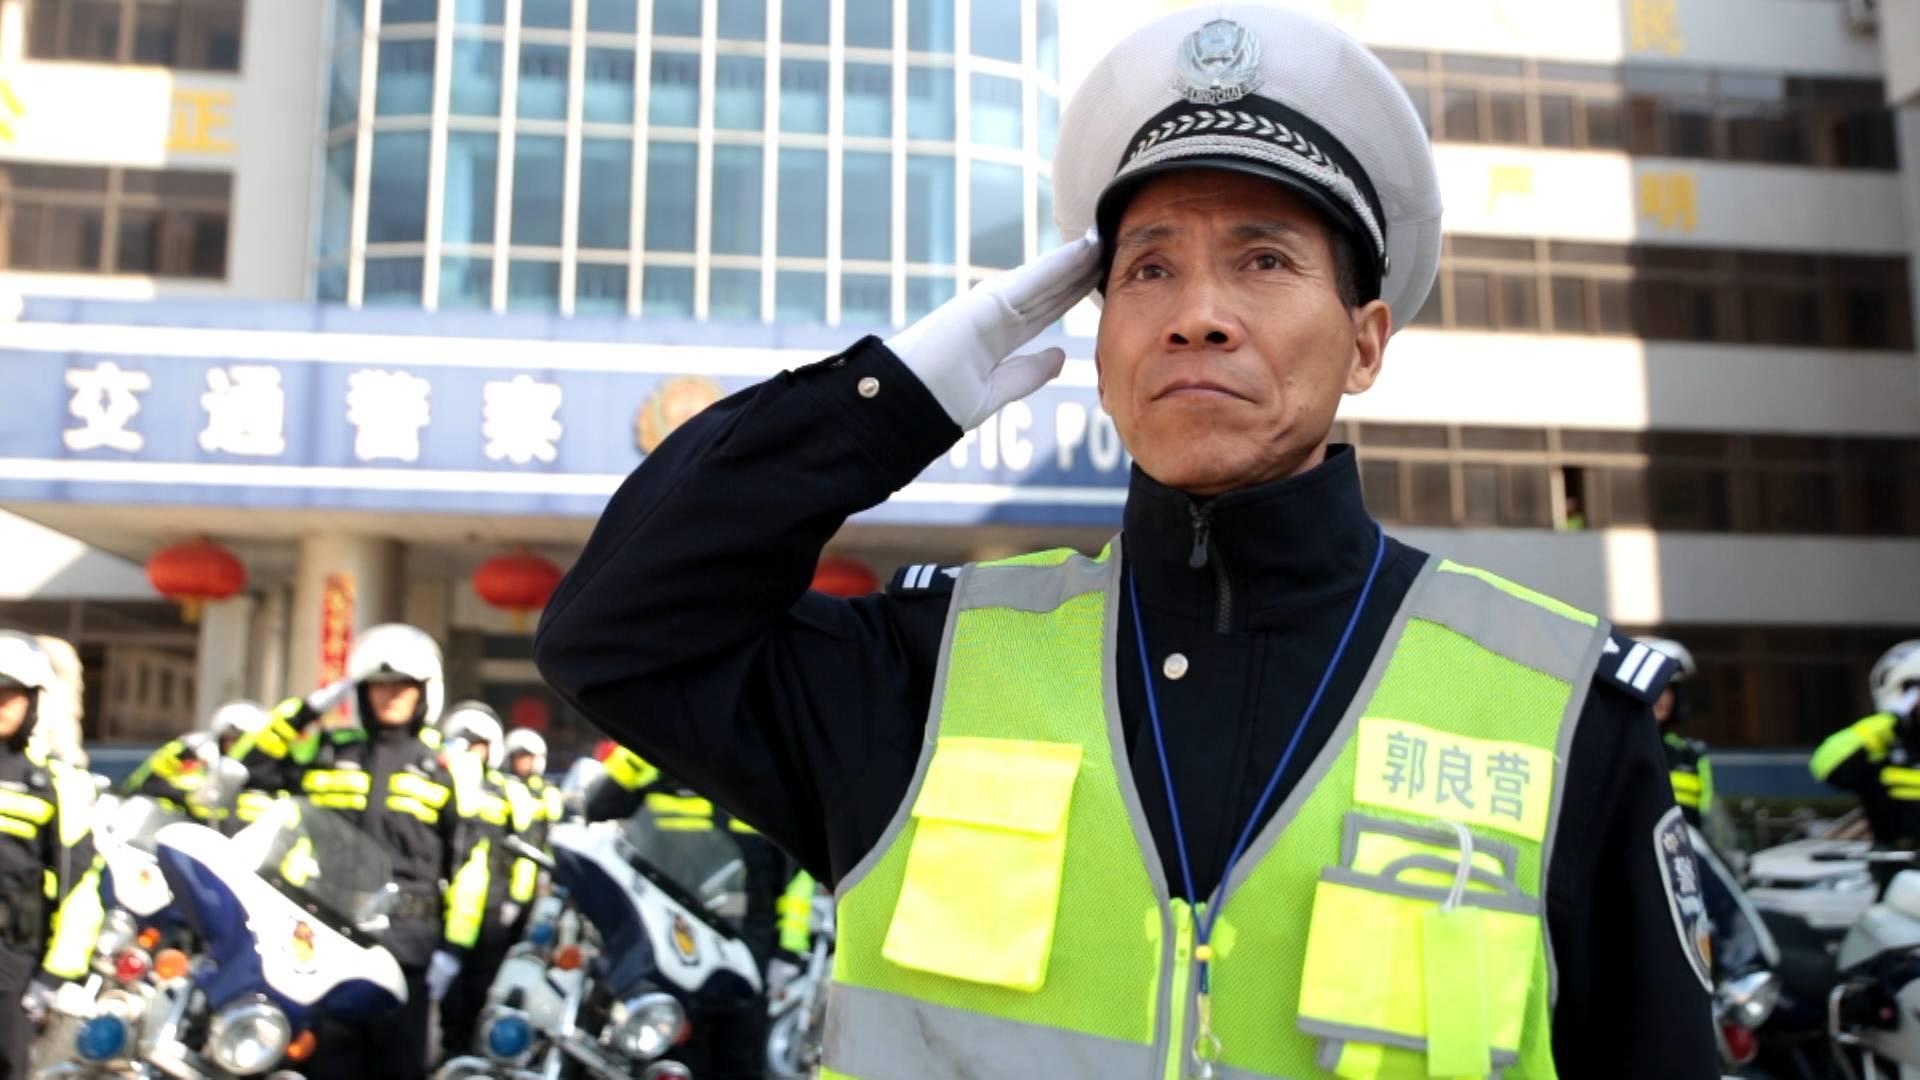 齐鲁最美警察丨离退休还有10天的老交警,走上最美舞台说了3个不容易